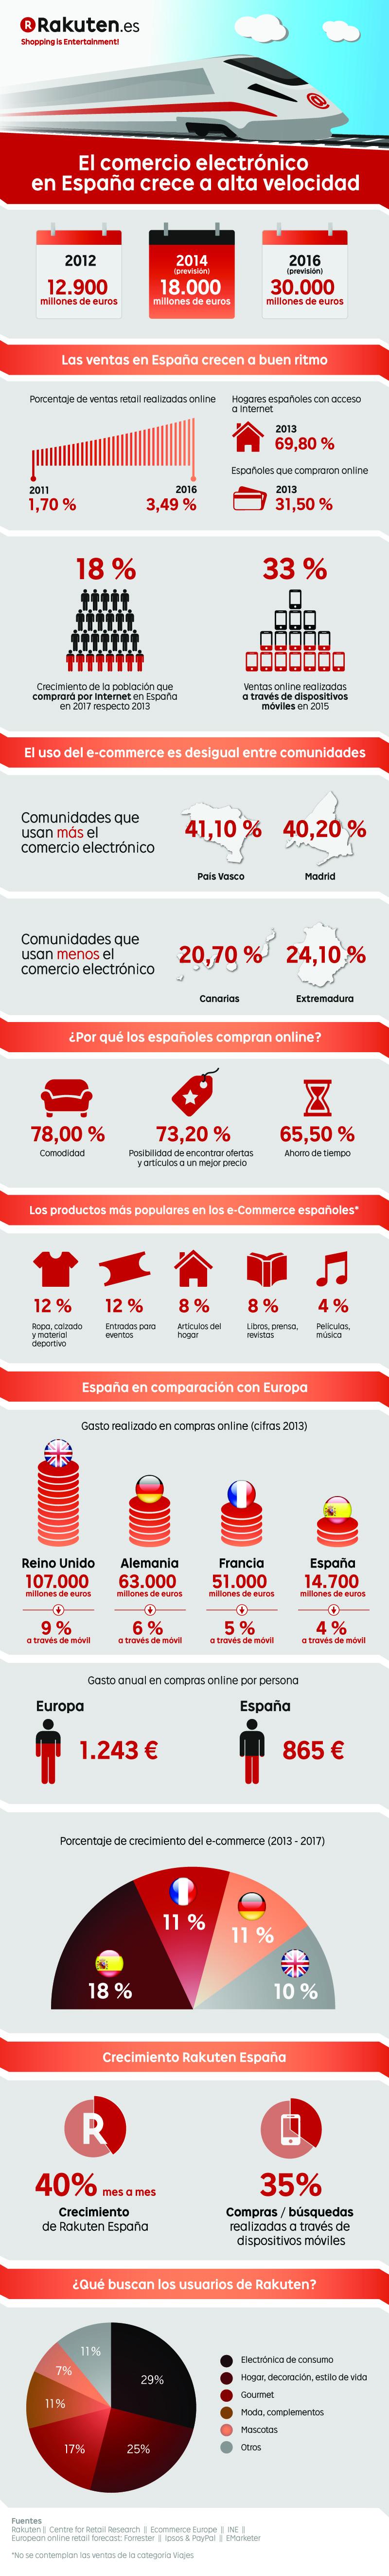 Infografía_Rakuten_e-commerce copy